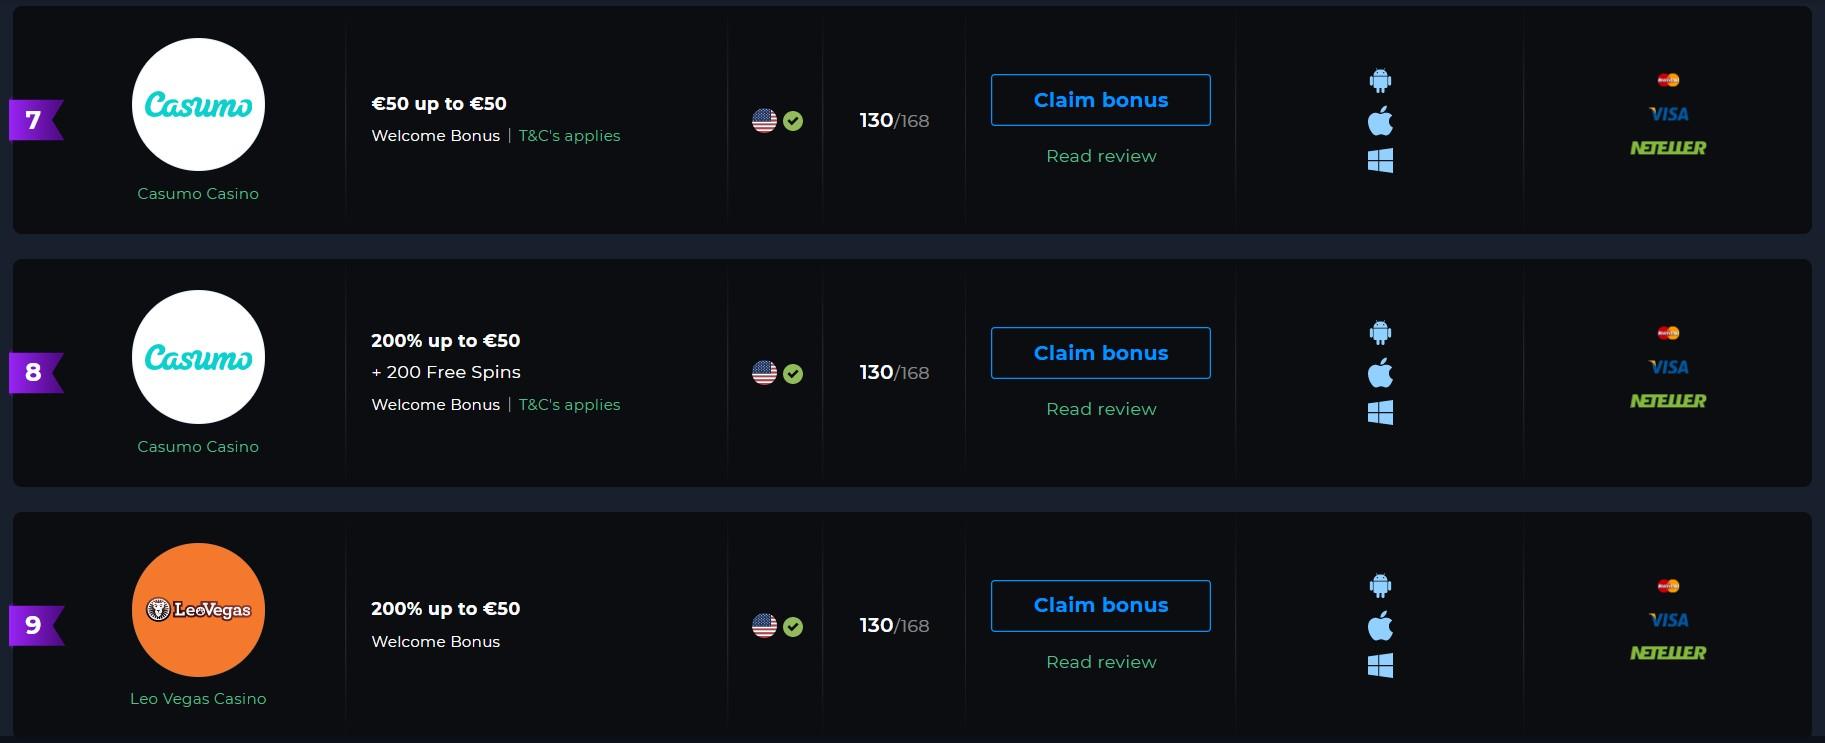 How to Claim 50 Euros Bonus